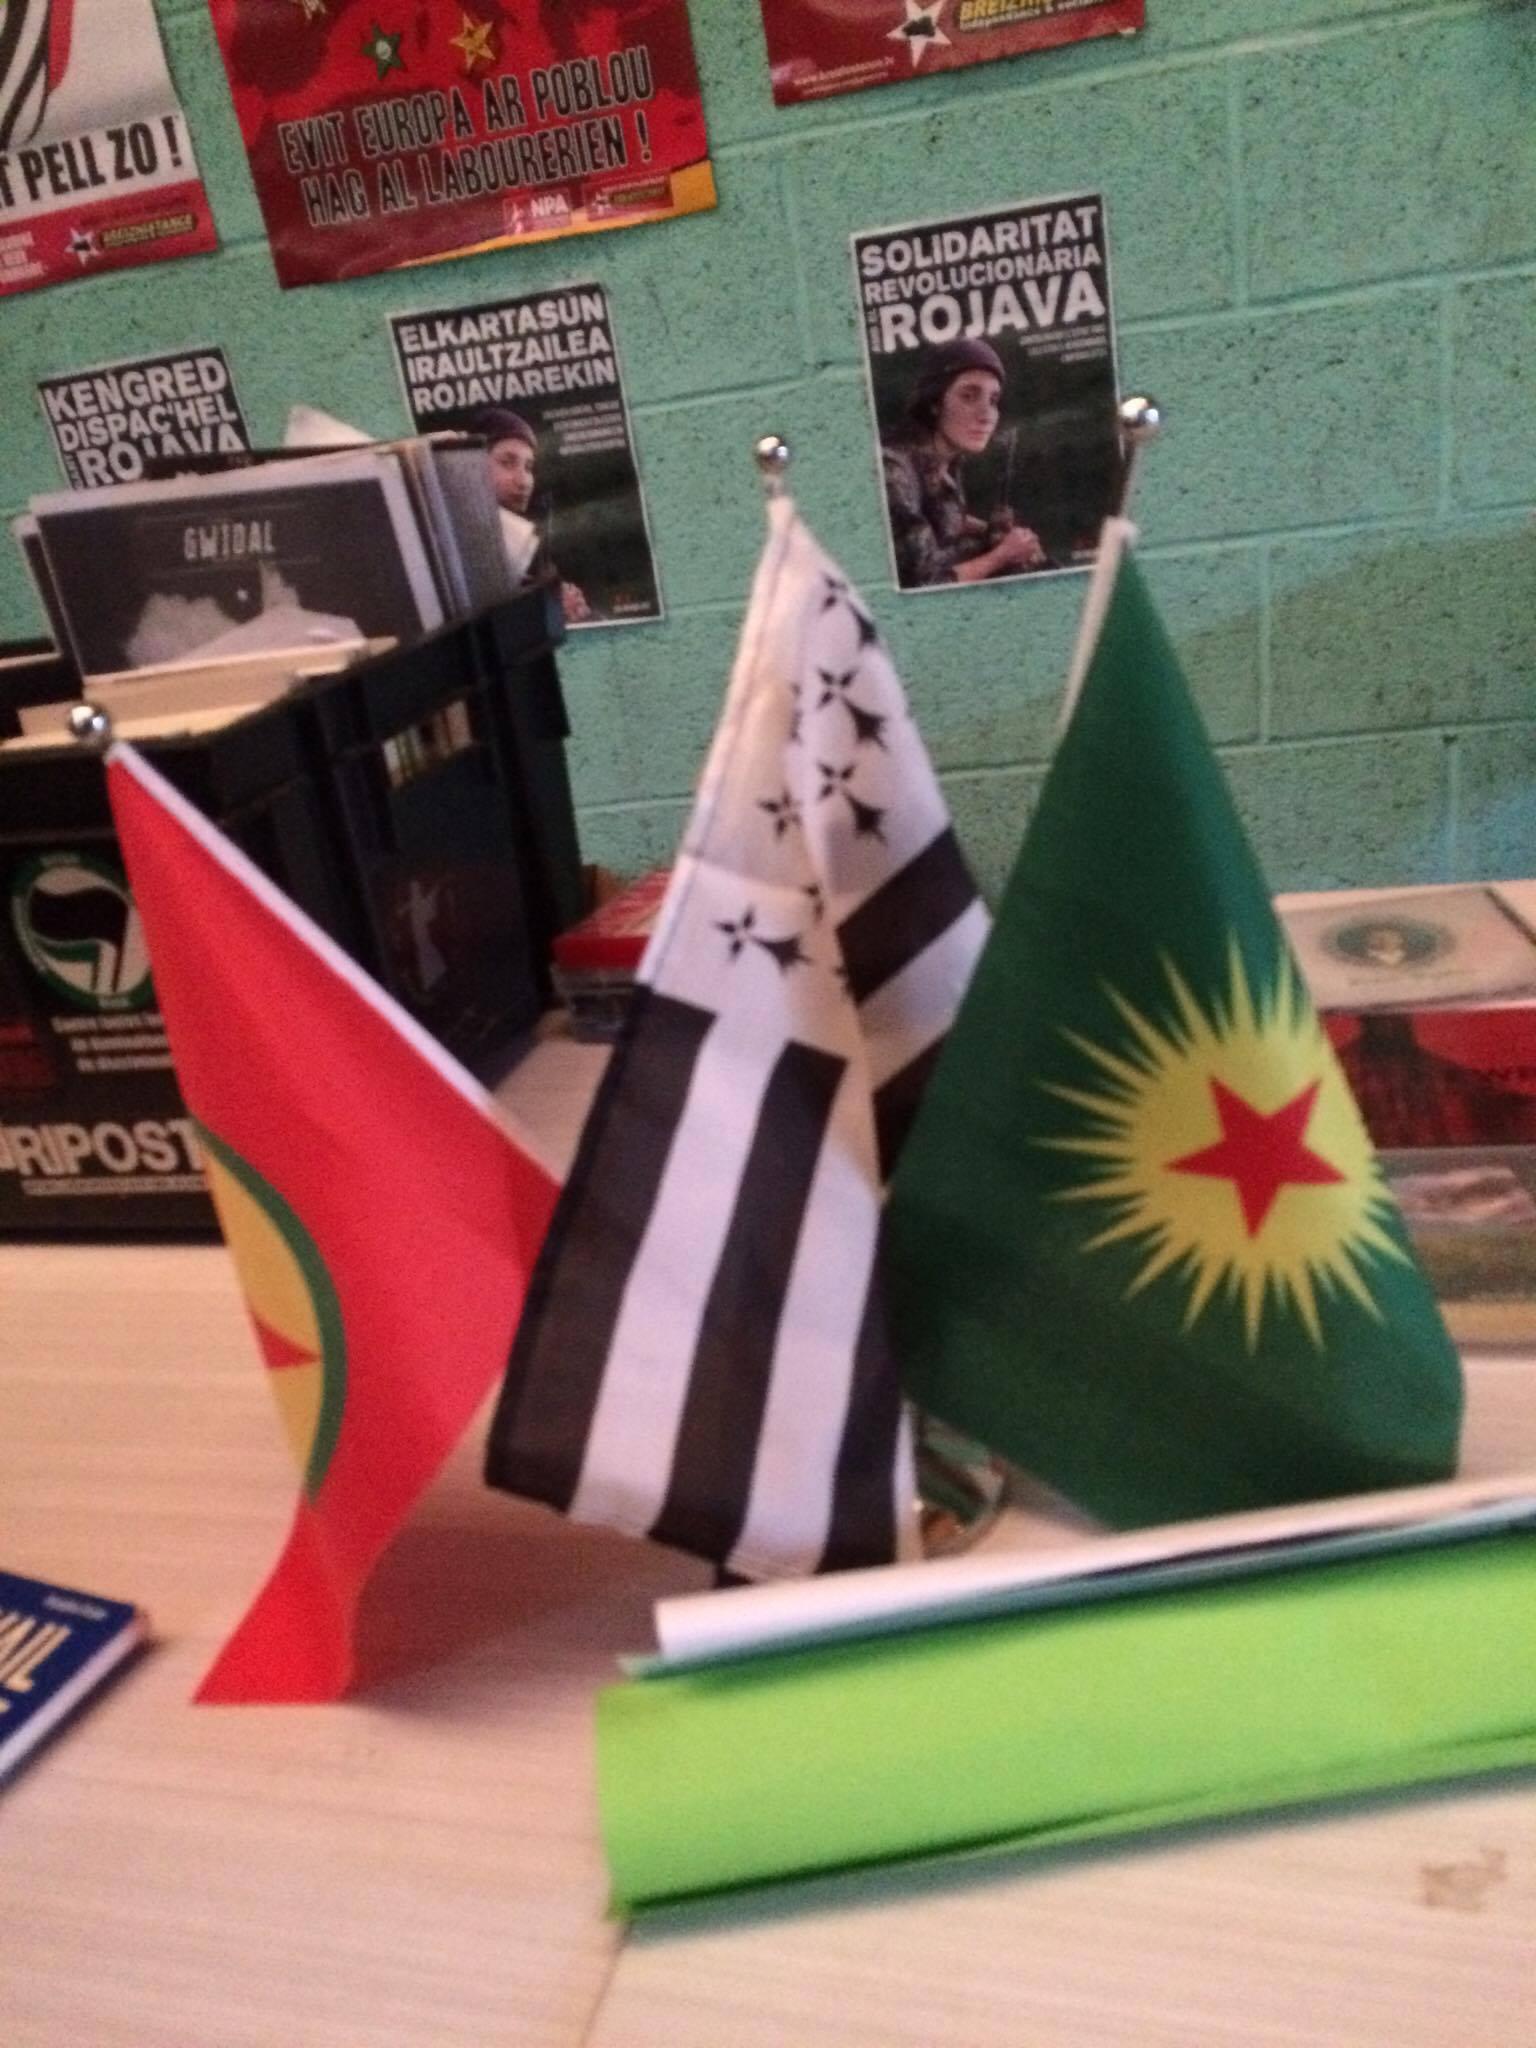 Bretagne: Succès du Fest Noz en soutien au Rojava